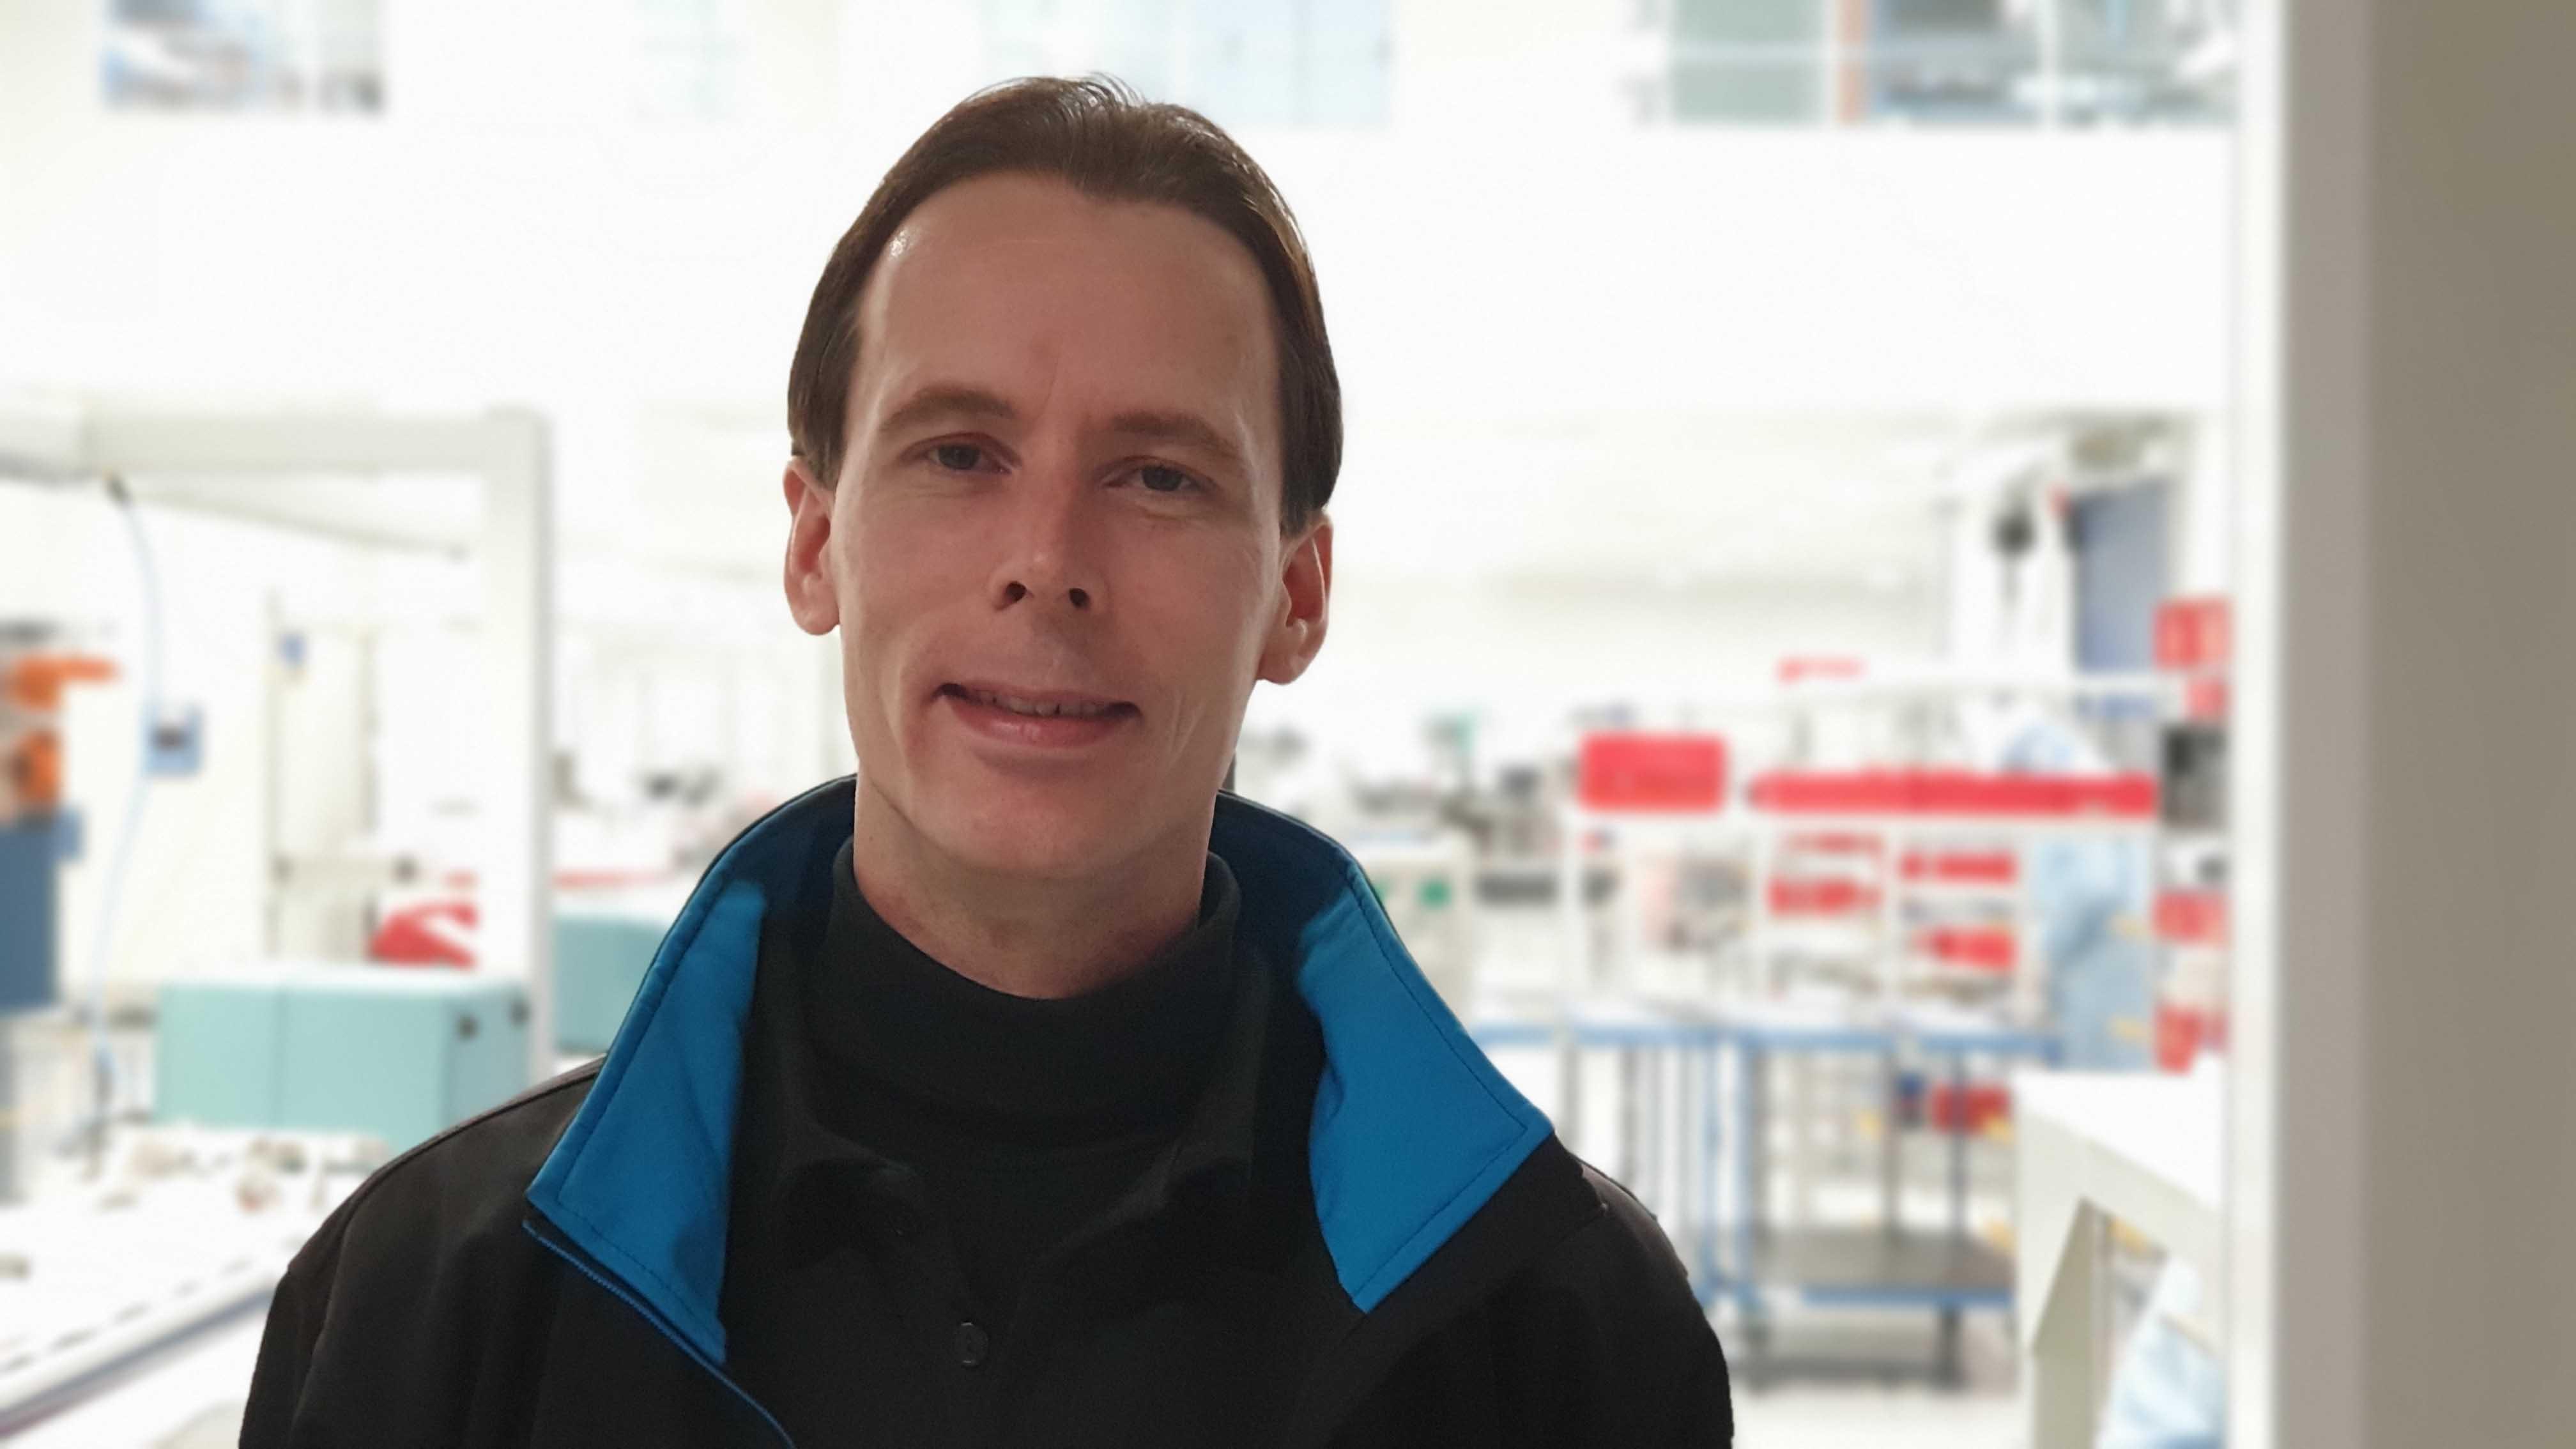 Ralf Bouwmans is nominated for the Noordhofprijs 2020.